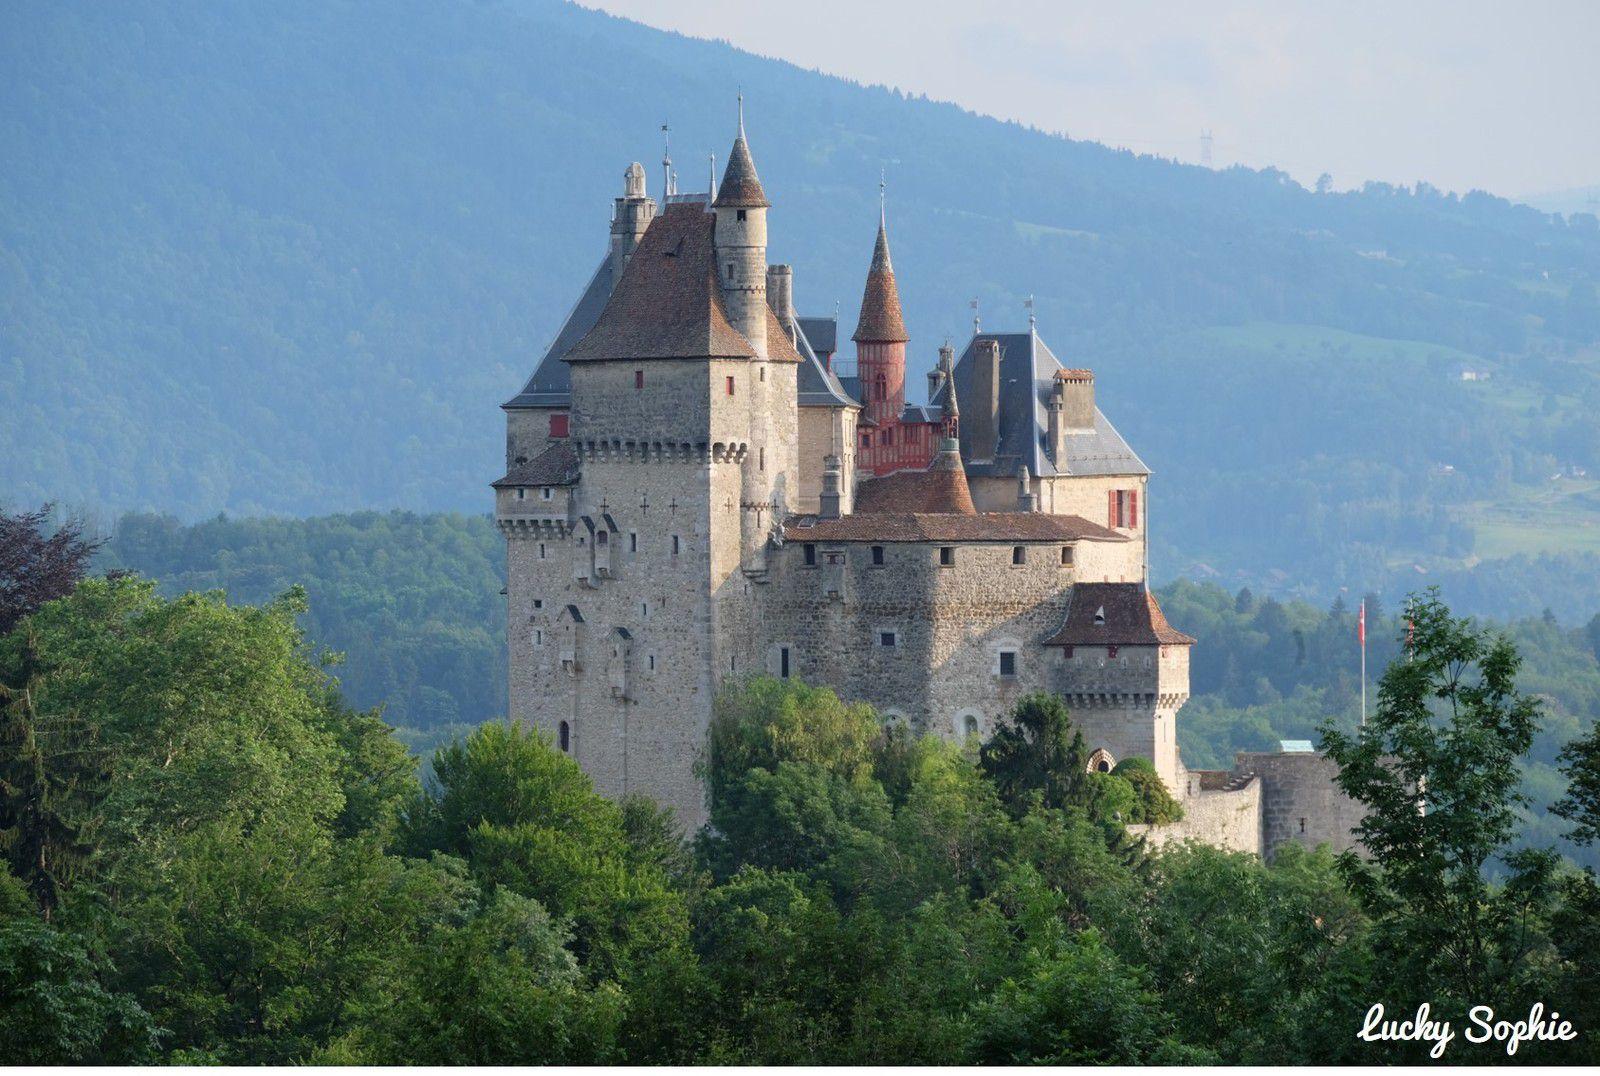 Visiter le château de Menthon Saint-Bernard aux allures de contes de fées : il aurait en partie influencé Walt Disney pour son château de la Belle au bois dormant !